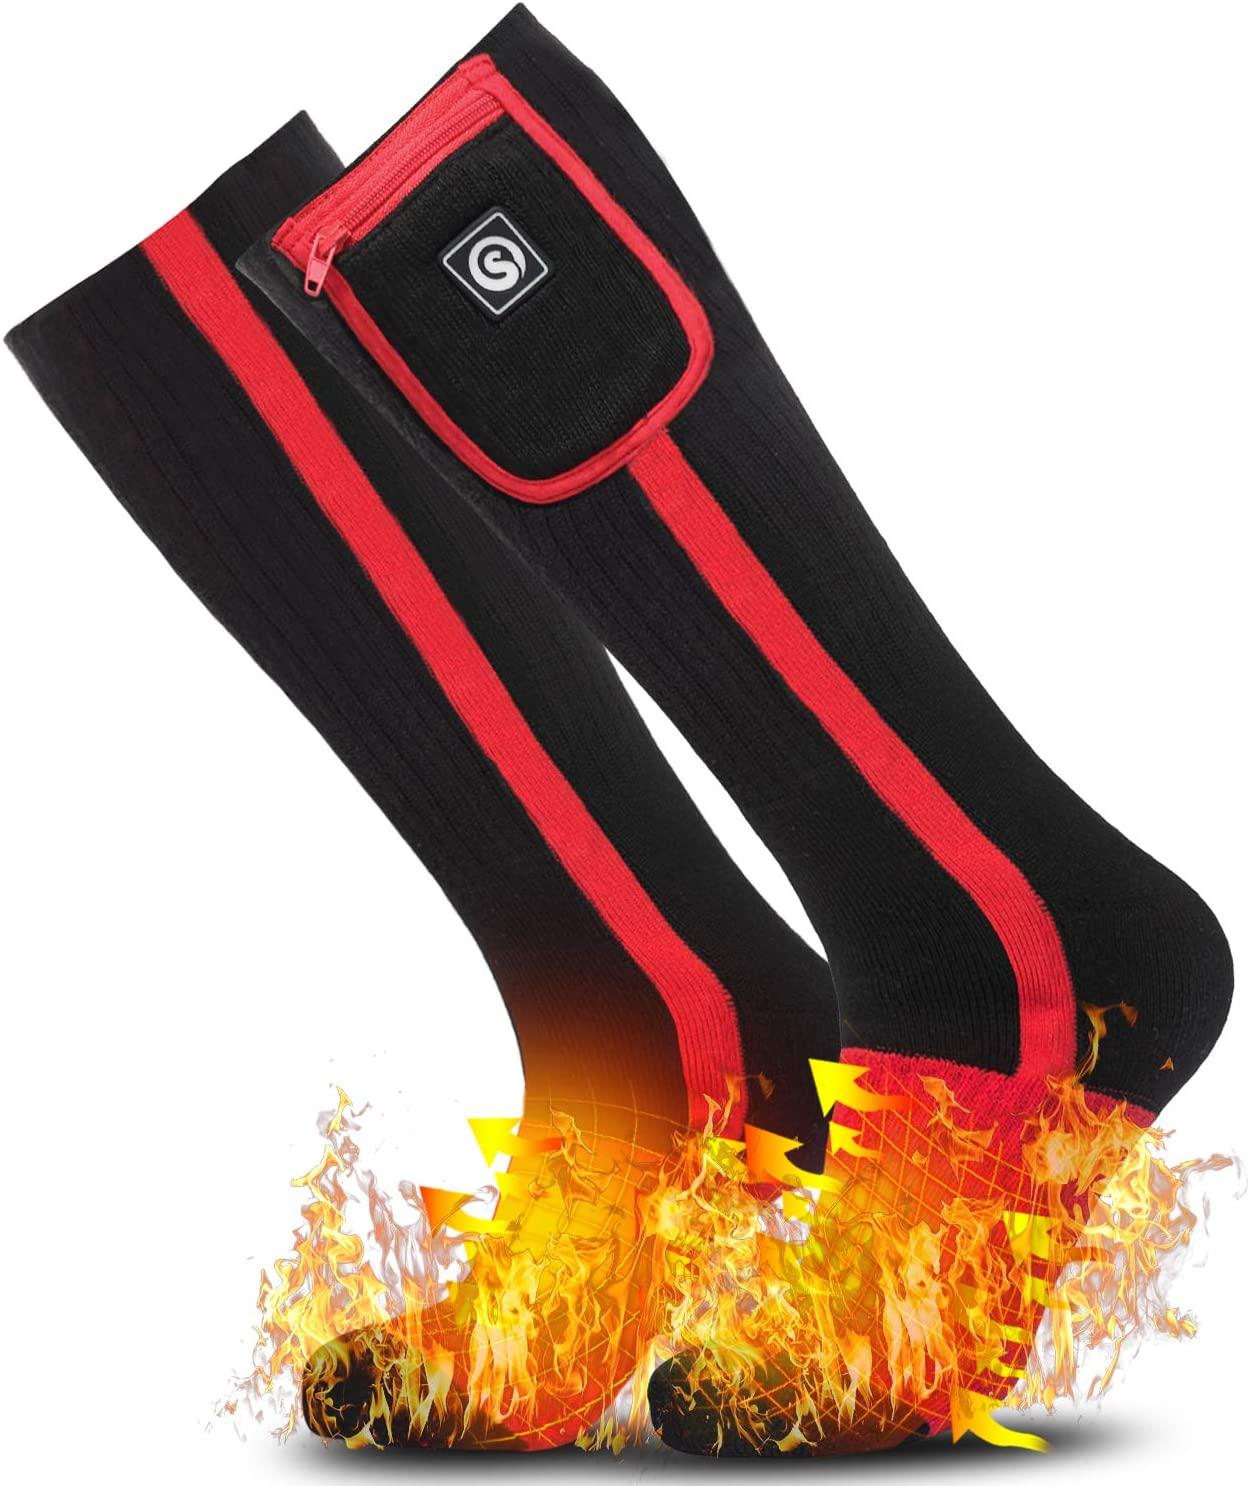 Bezdoteku Vyhrievané ponožky podkolienky Savior BR čierne vel. S